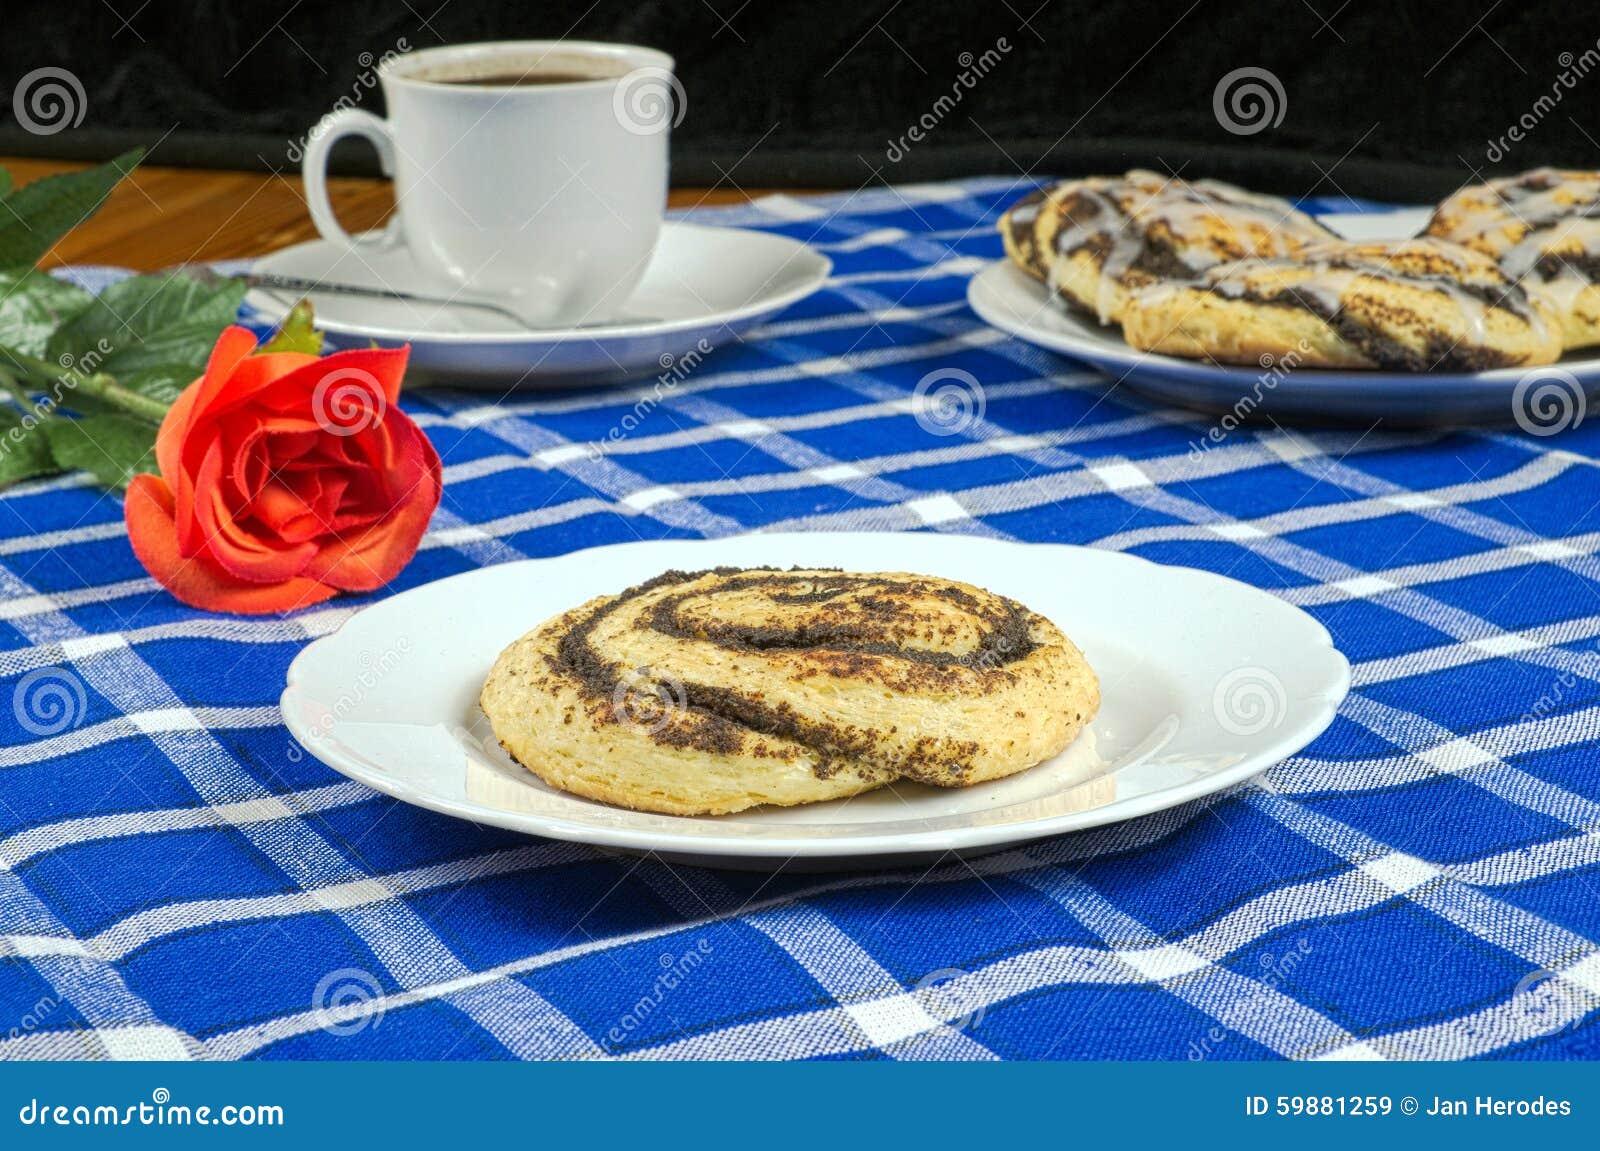 Selbst Gemachter Kuchen Mit Mohn In Form Einer Schnecke Mit Einem